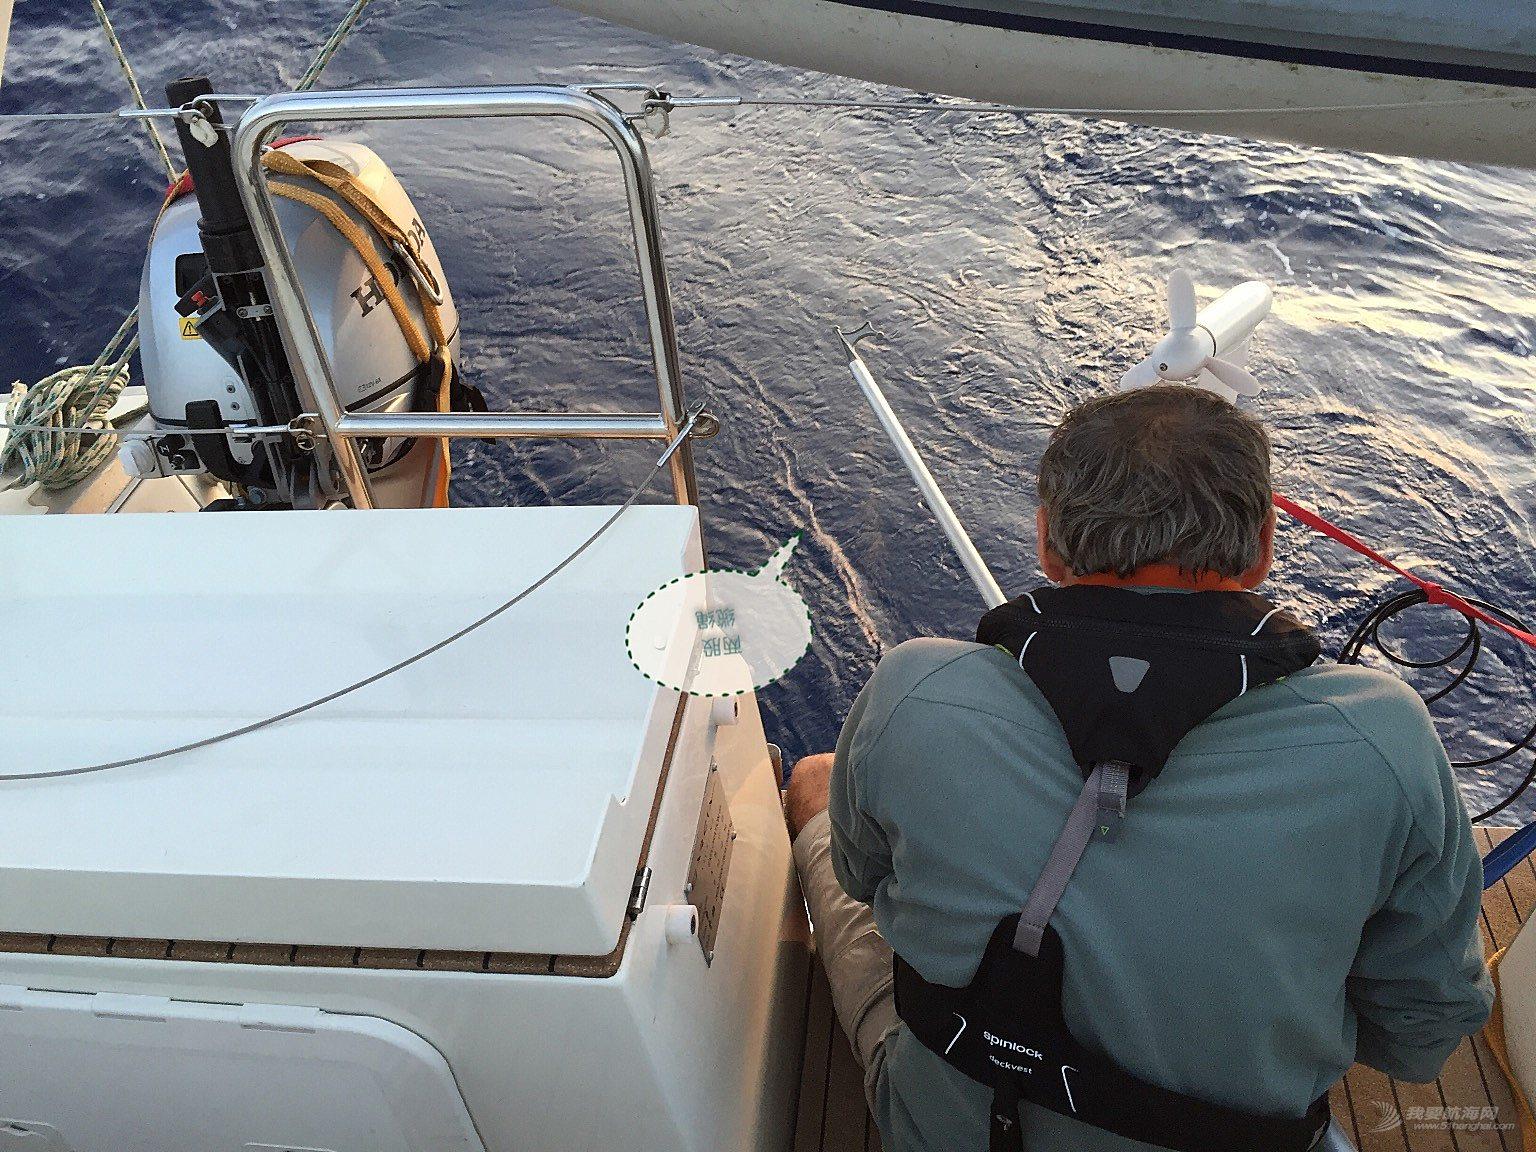 天气预报,摩洛哥国王,螺旋桨,摩托艇,解说员 夜阑索绕螺旋桨,晨晓脱羁爽轻舟--《再济沧海》(78)